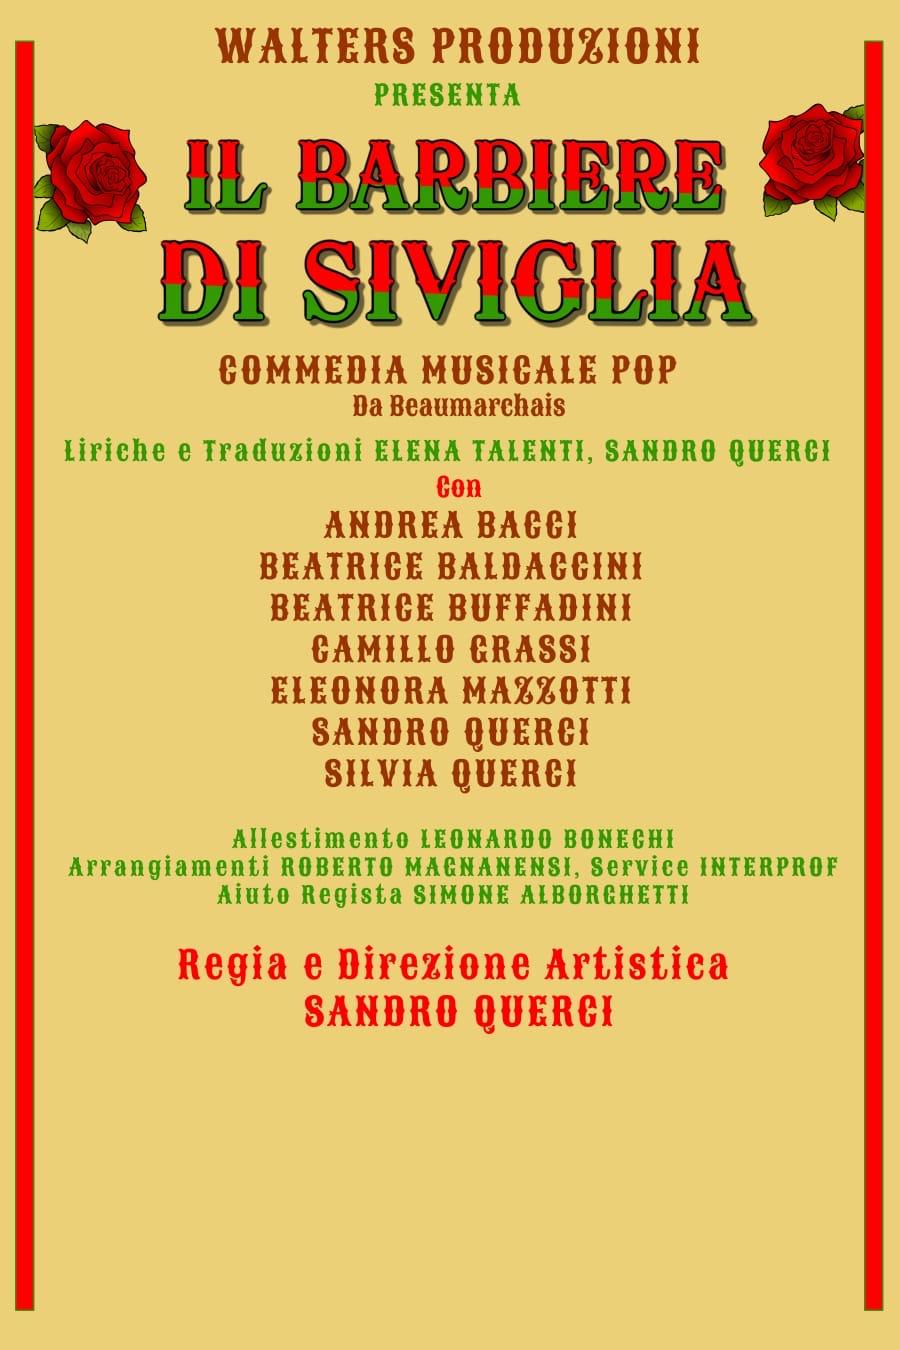 Il Barbiere di Siviglia Commedia Pop al Sam Babila di Milano